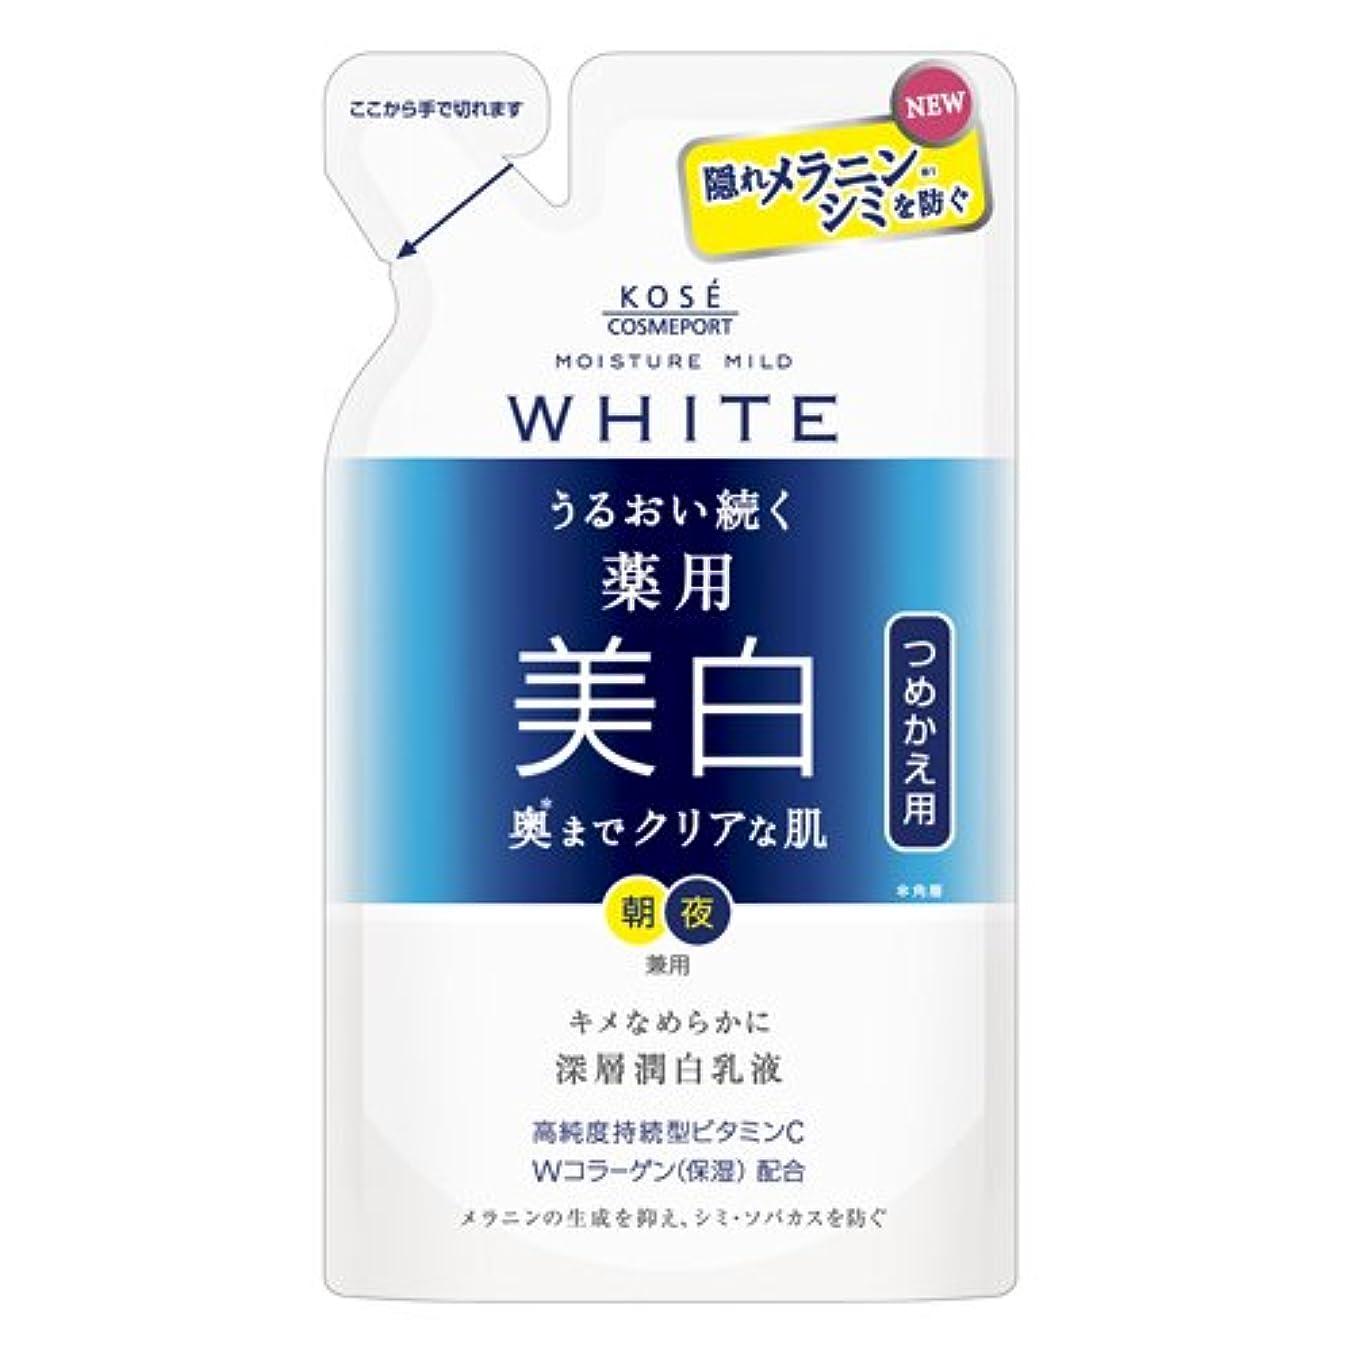 花火賞賛する教えKOSE コーセー モイスチュアマイルド ホワイト ミルキィローション つめかえ 125ml